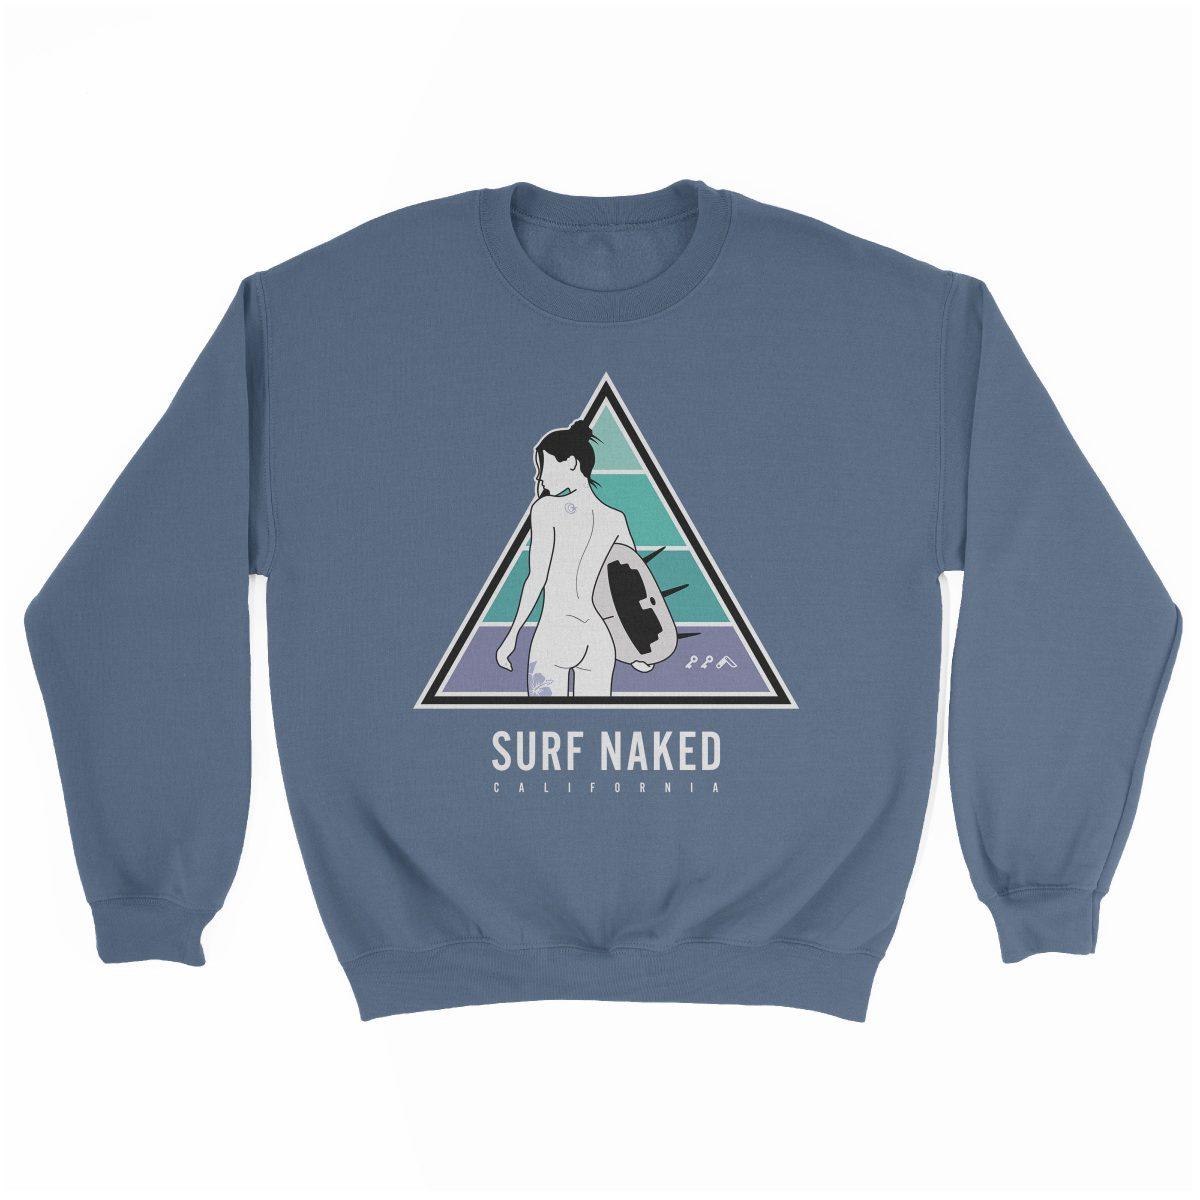 SURF NAKED CALIFORNIA beaches sweatshirt in indigo by kikicutt sweatshirt store